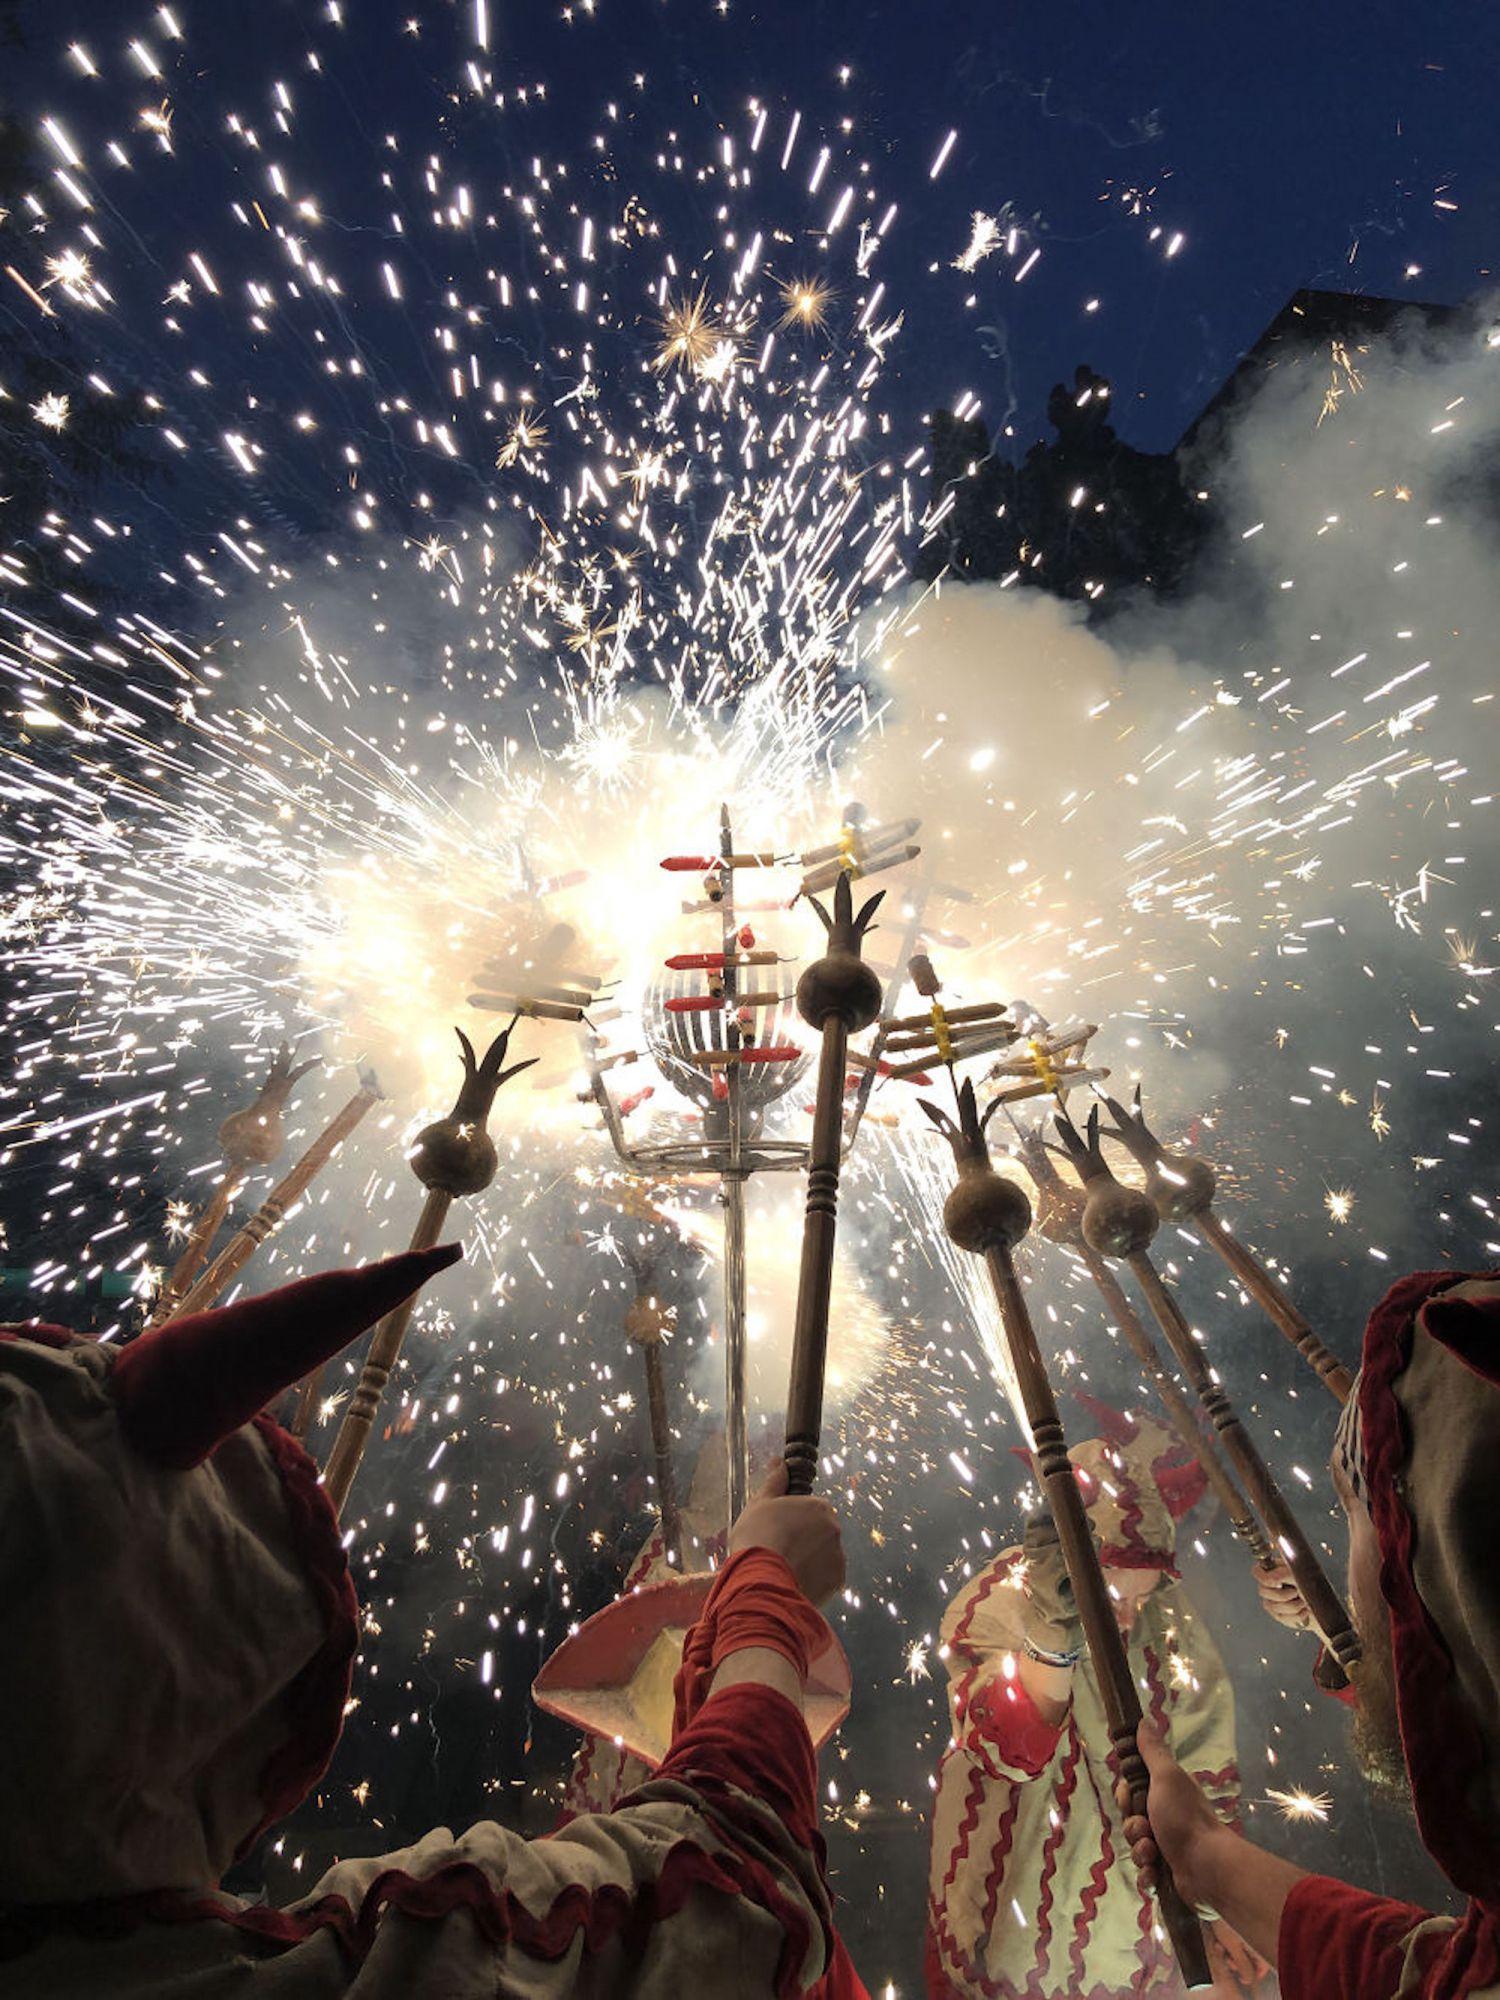 Correfocs durante um tradicional festival catalão, onde grupos vestidos de demônios acendem fogos de artifício na multidão